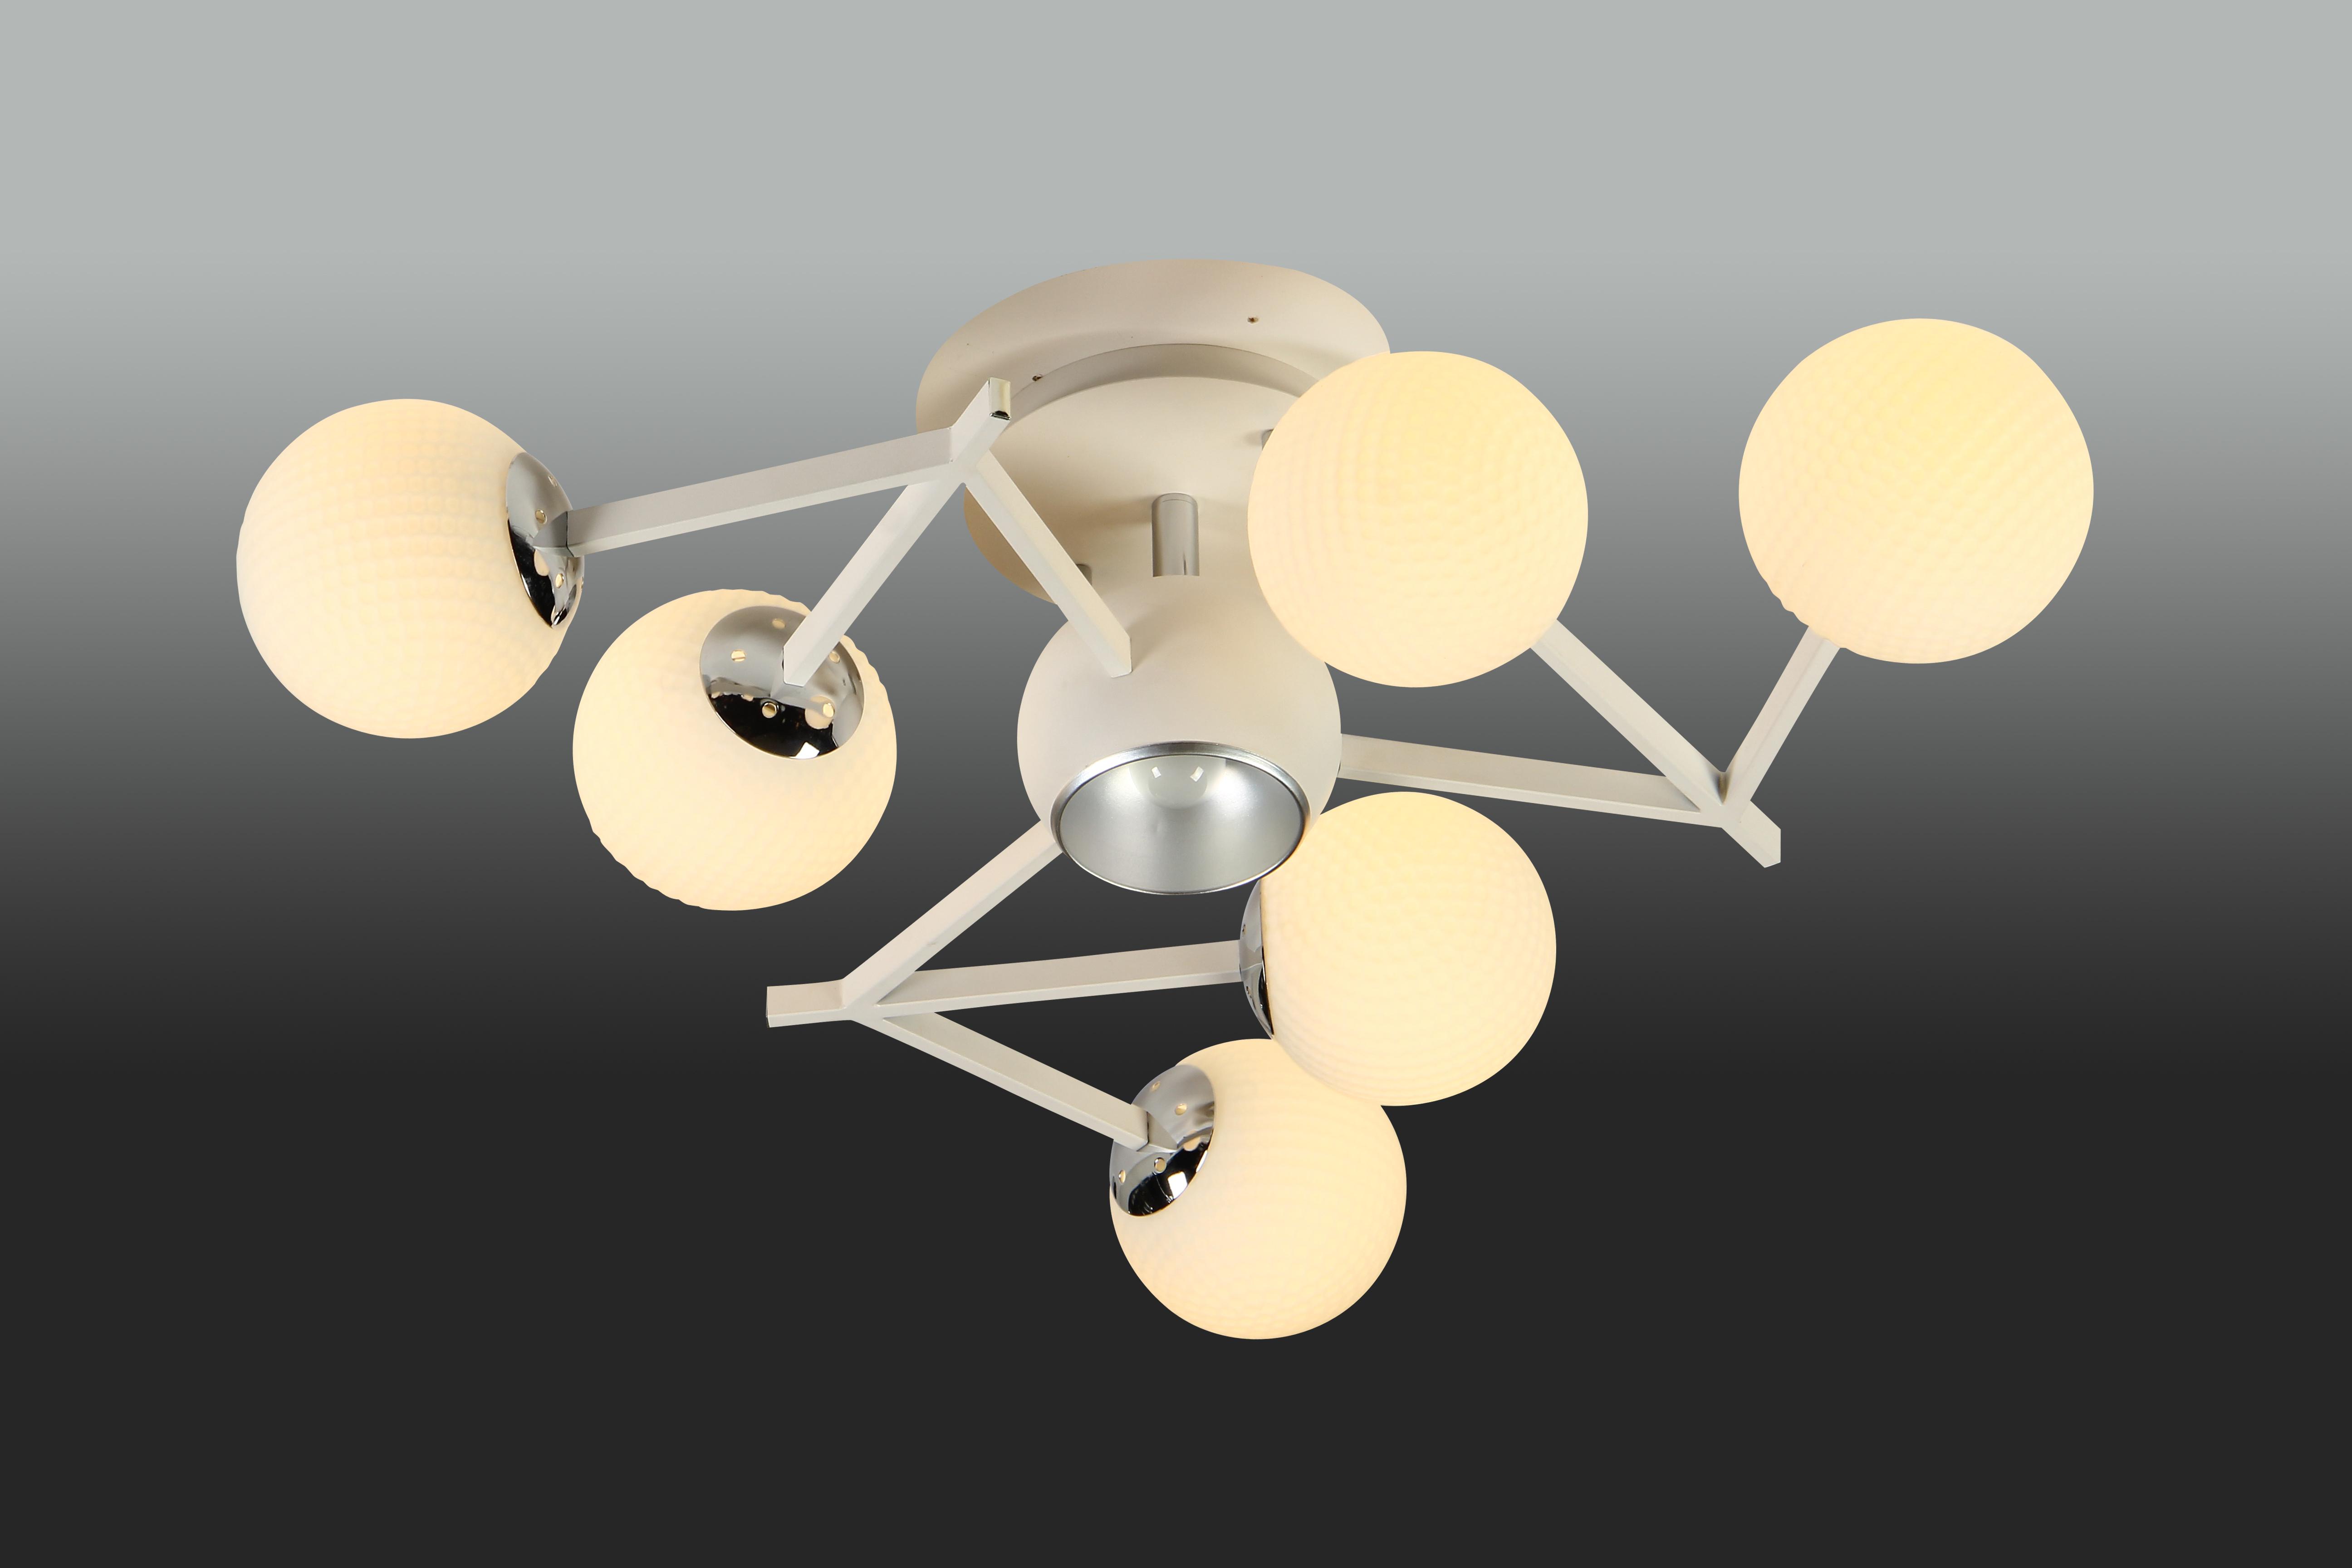 Люстра Lamplandia 8108/6+1 frends lamplandia подвесная люстра lamplandia 9004 6 veronica